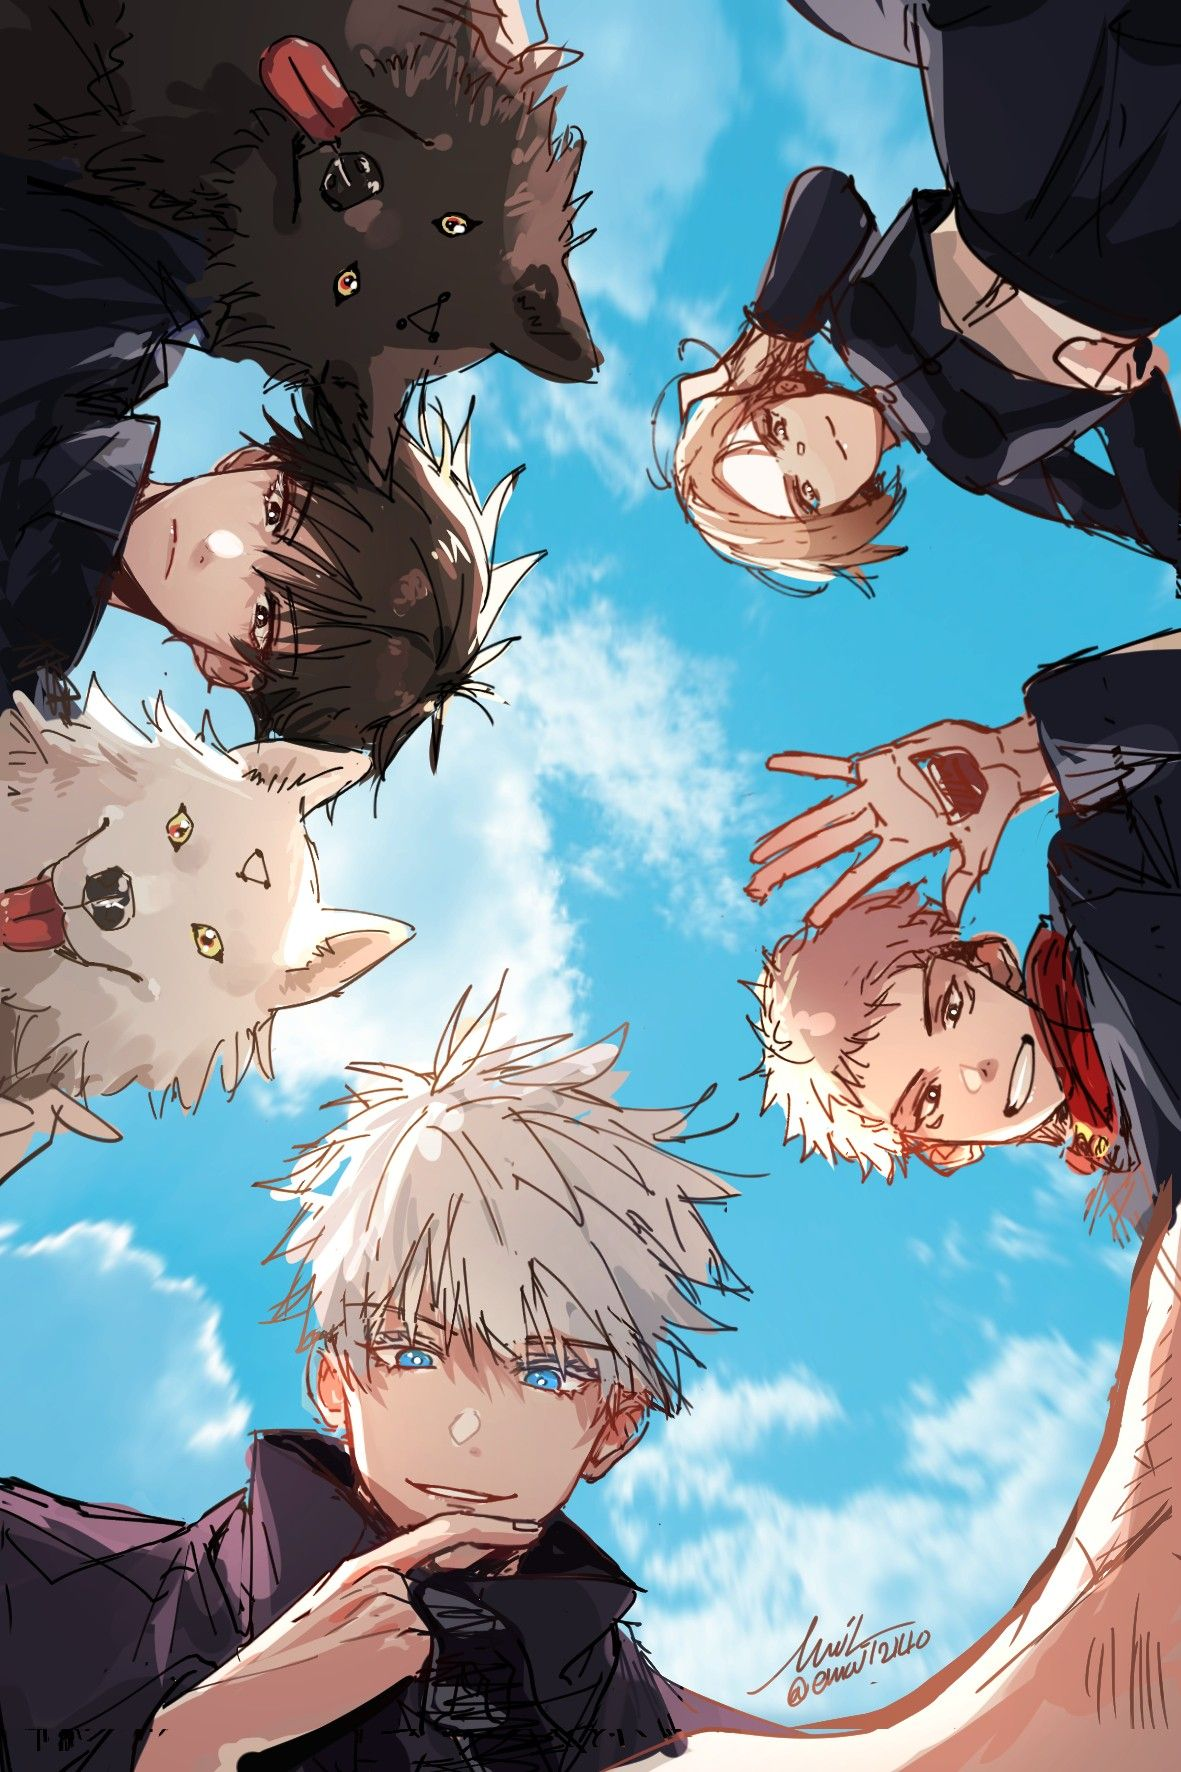 Jujutsu Kaisen Aesthetic Anime Anime Guys Anime